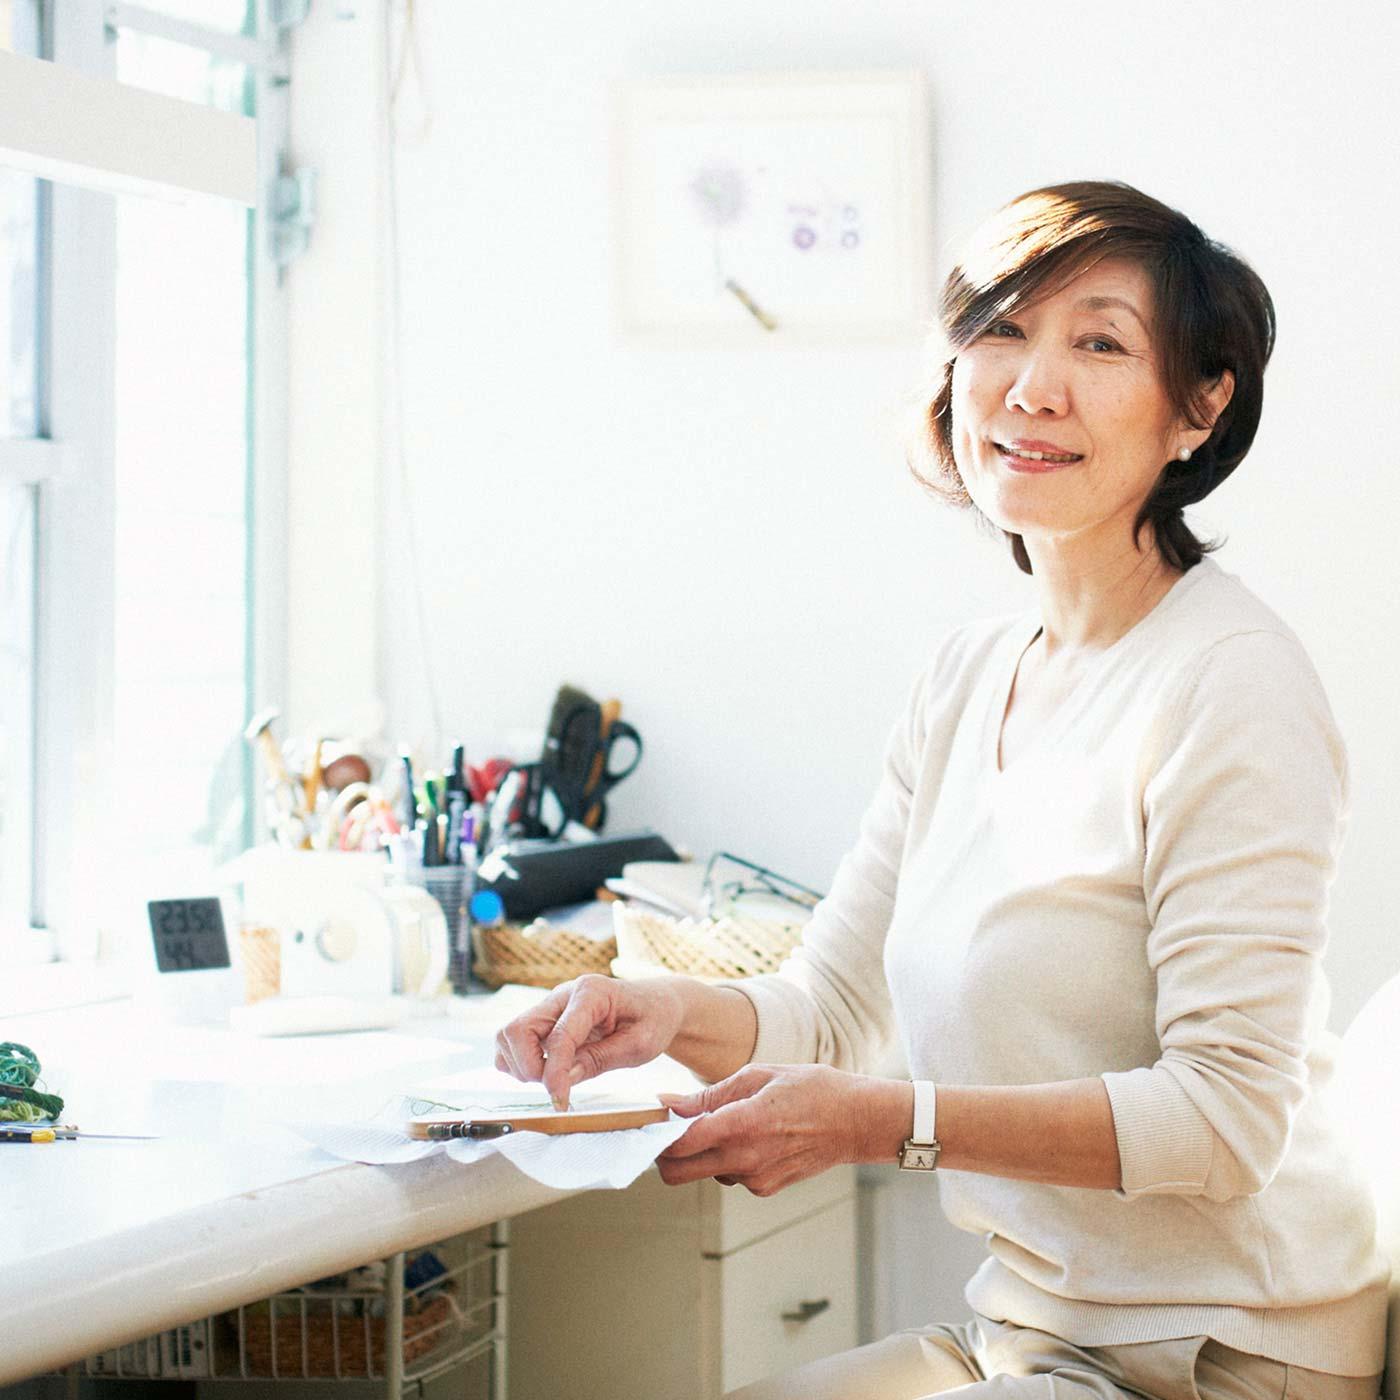 刺しゅう作家 青木 和子さん 自ら育てた庭の草花をモチーフとした作品で注目を集める。著書も多数で、フランスをはじめ7ヵ国で海外出版されるなど世界的に活躍。